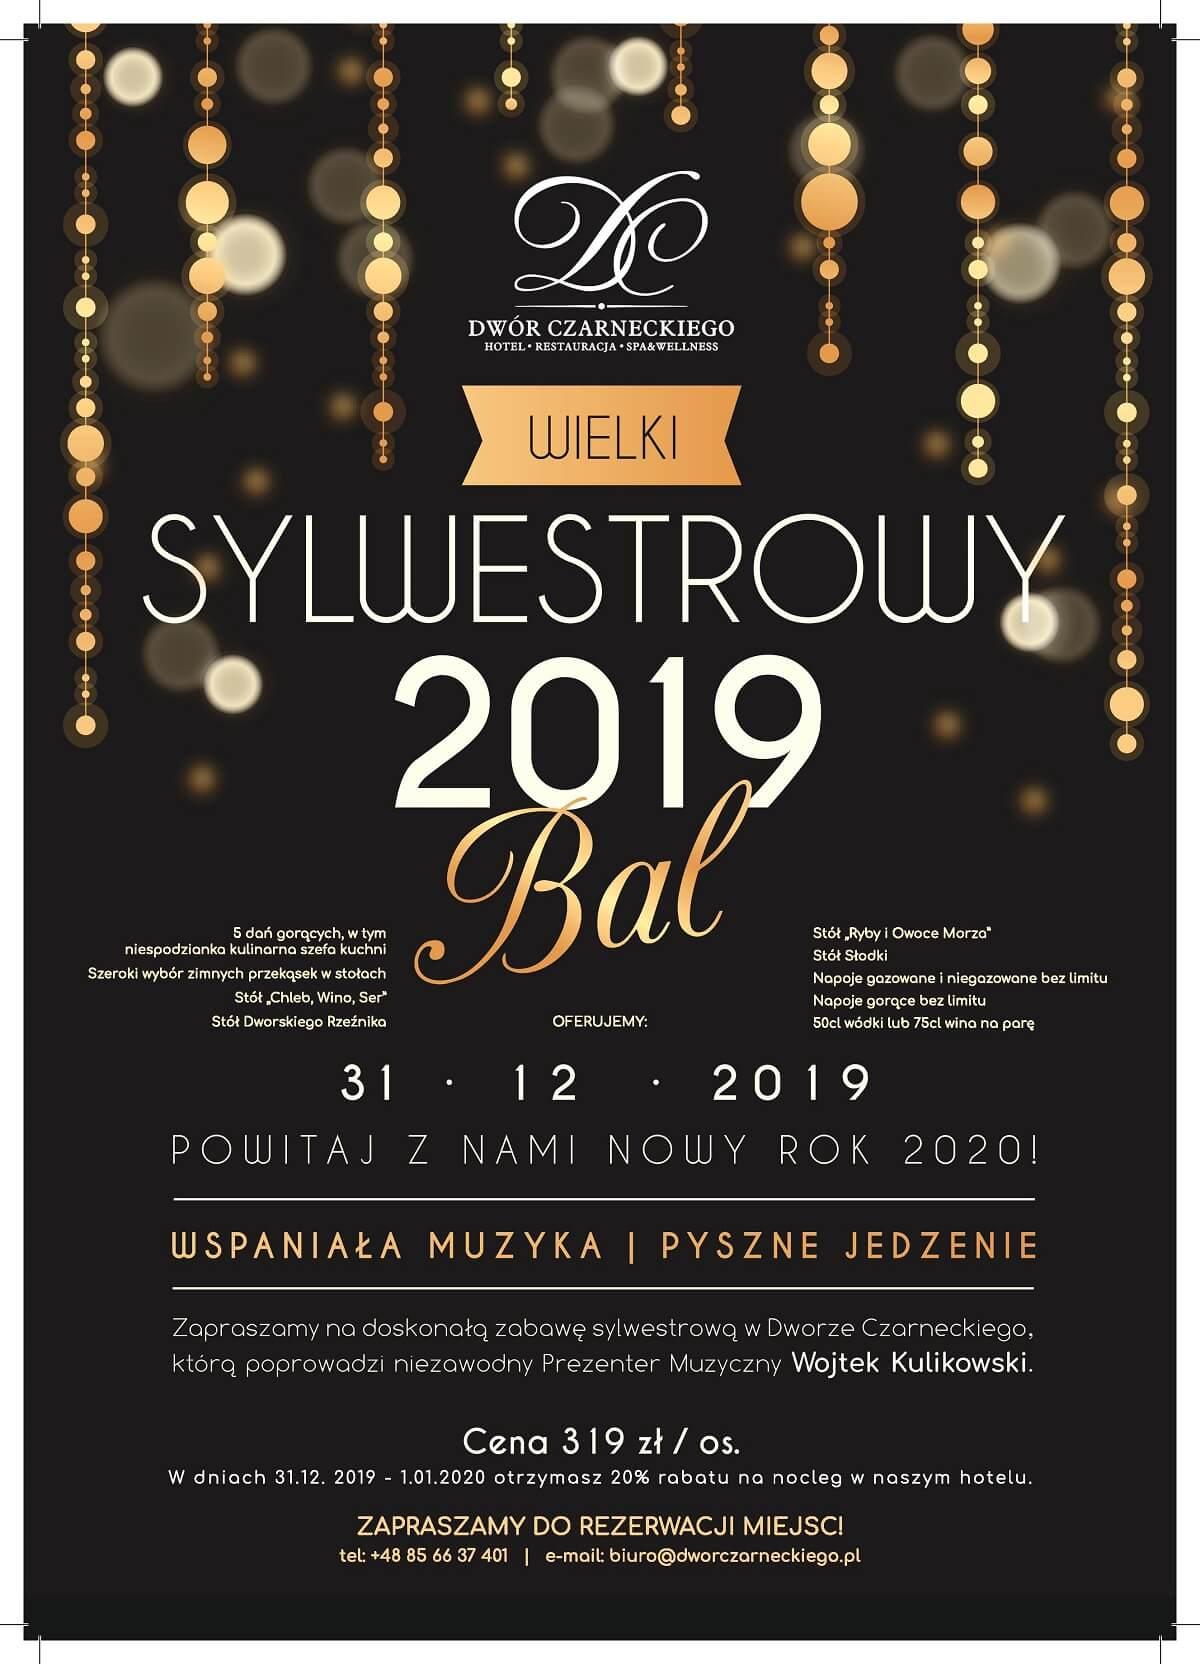 Sylwester w Dworze Czarneckiego 2019 - plakat